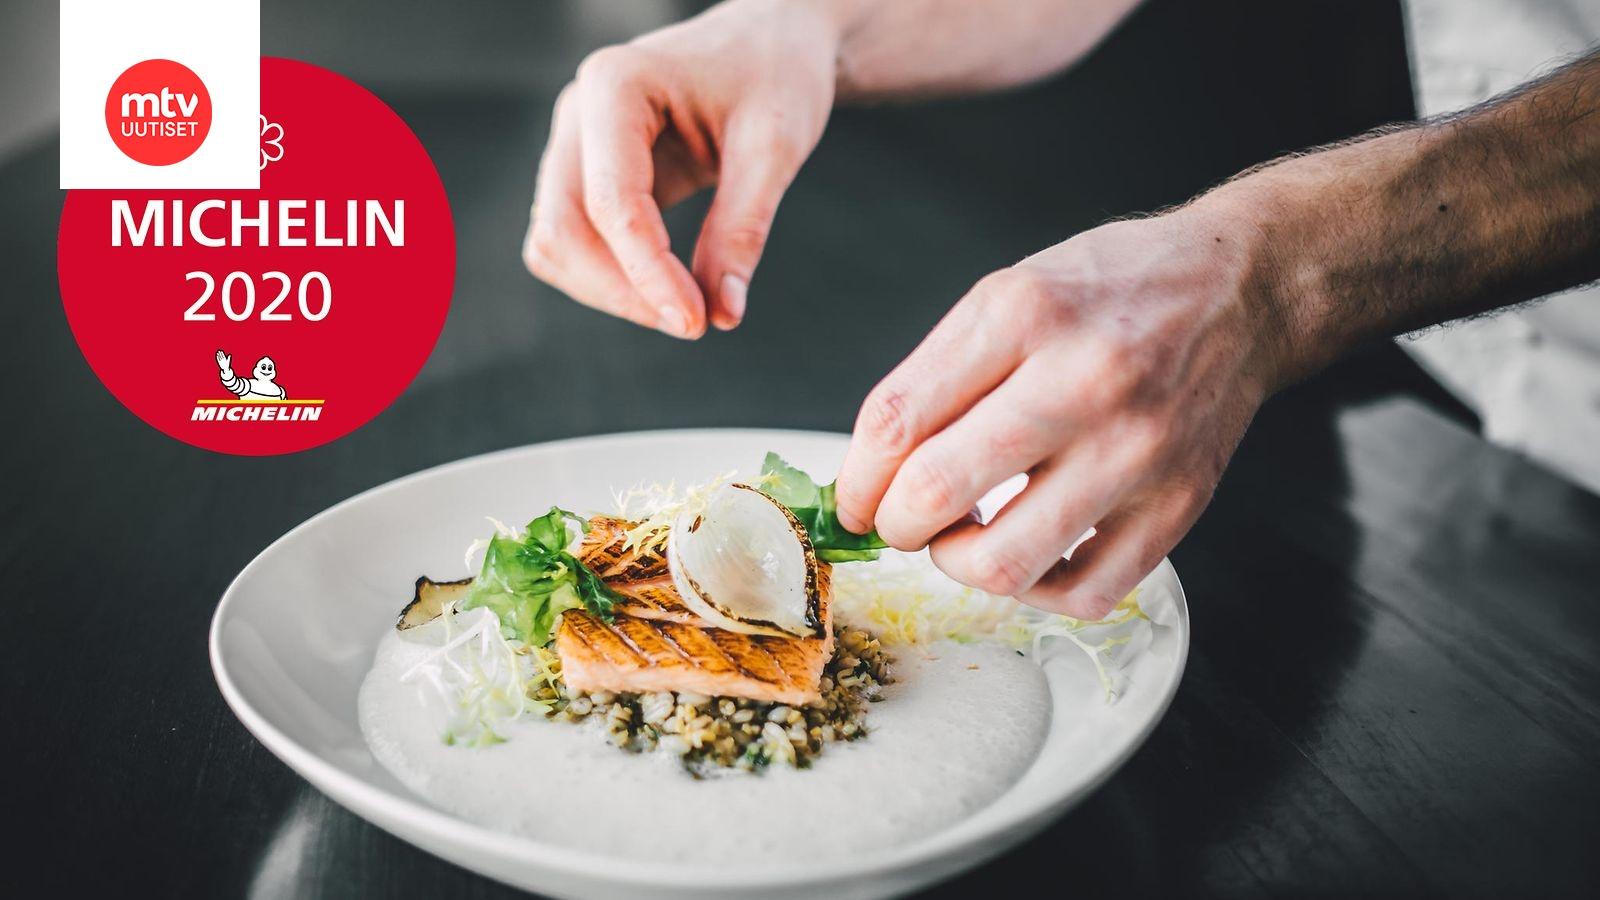 Suomen Michelin Ravintolat